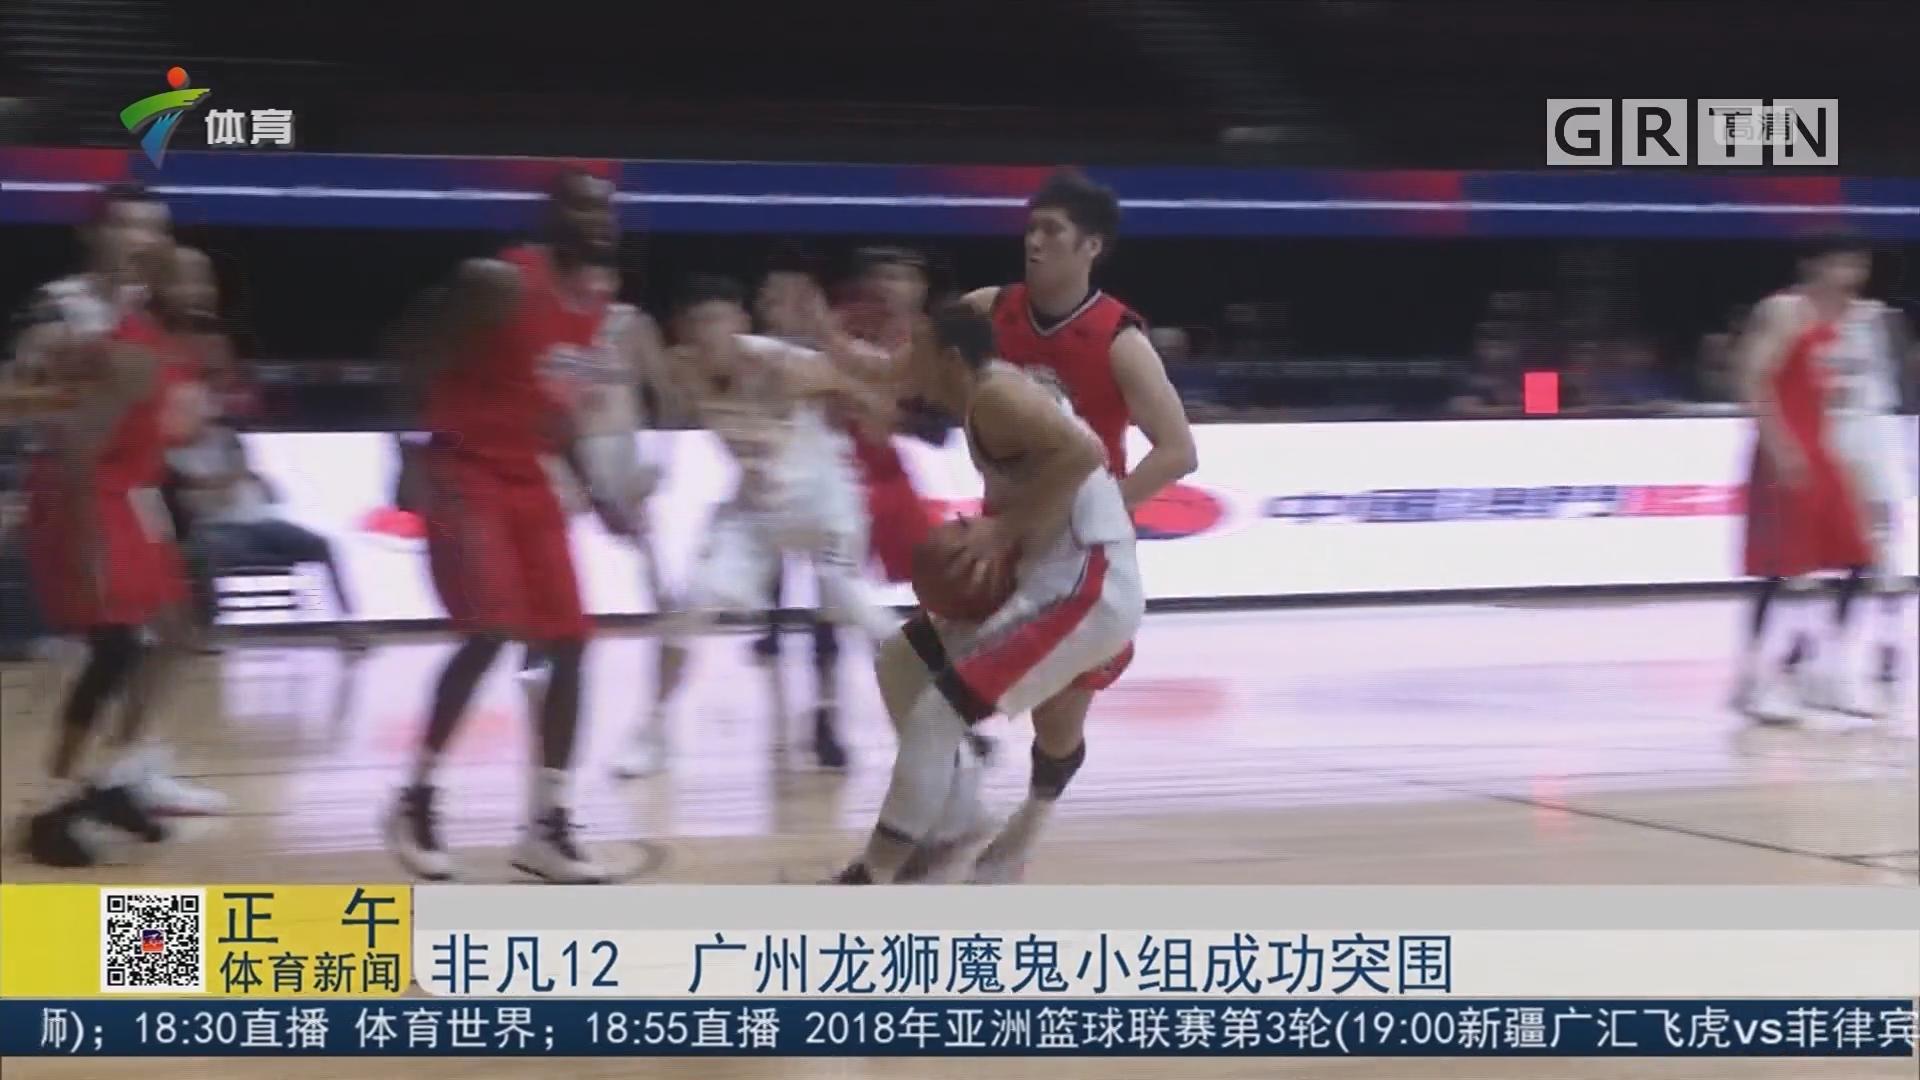 非凡12 广州龙狮魔鬼小组成功突围